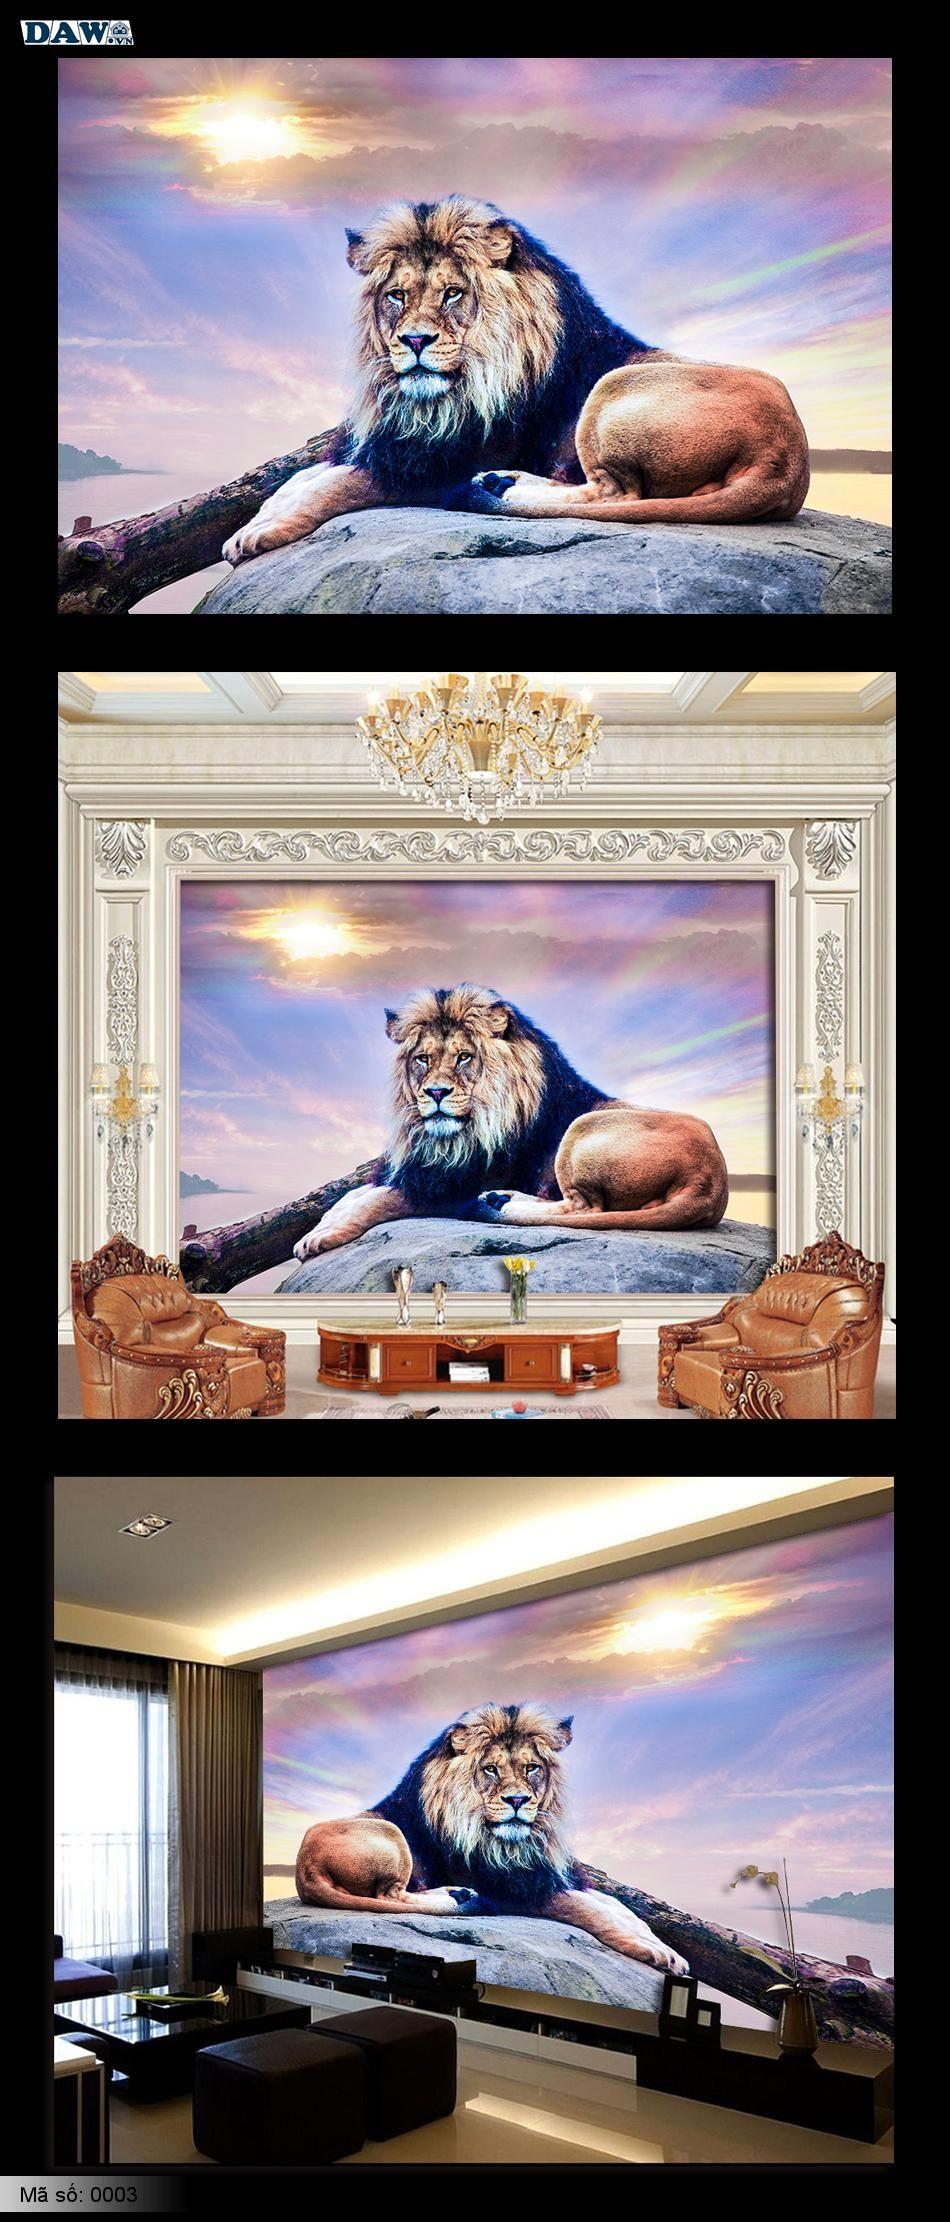 Tranh dán tường động vật, tranh dán tường sư tử, tranh sư tử, sư tử đẹp 0003